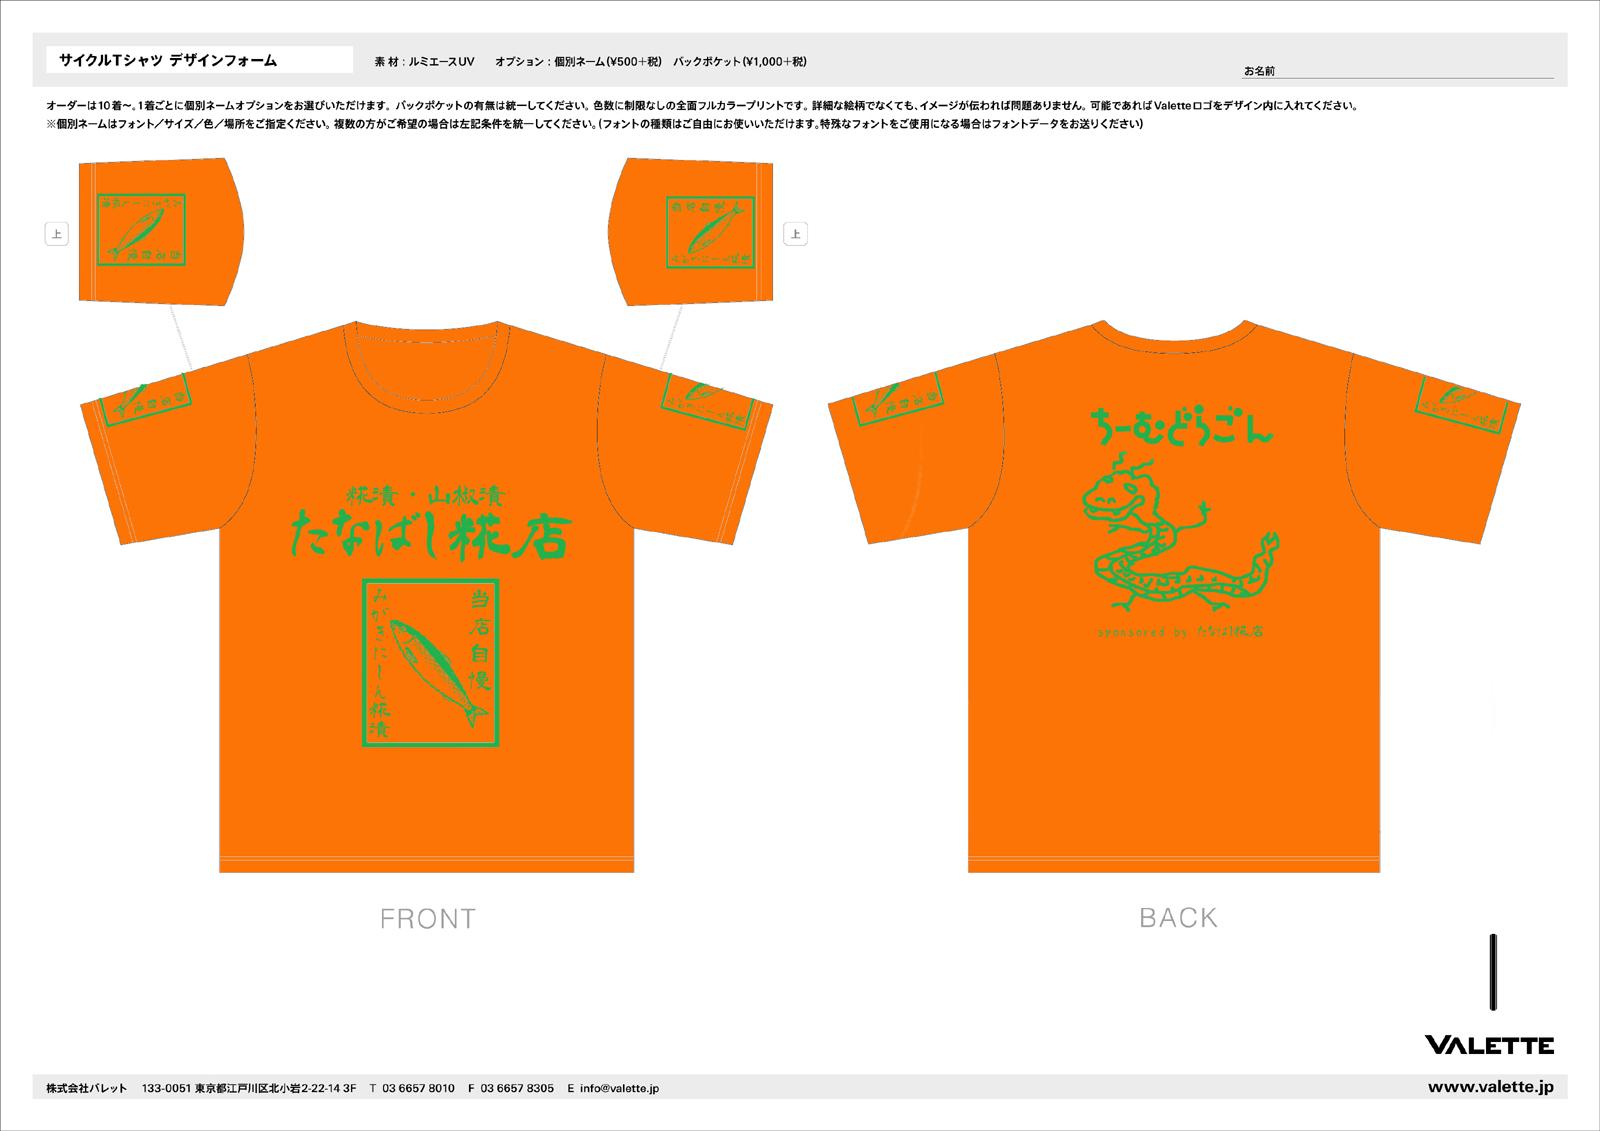 ドラゴンT(オレンジー緑)